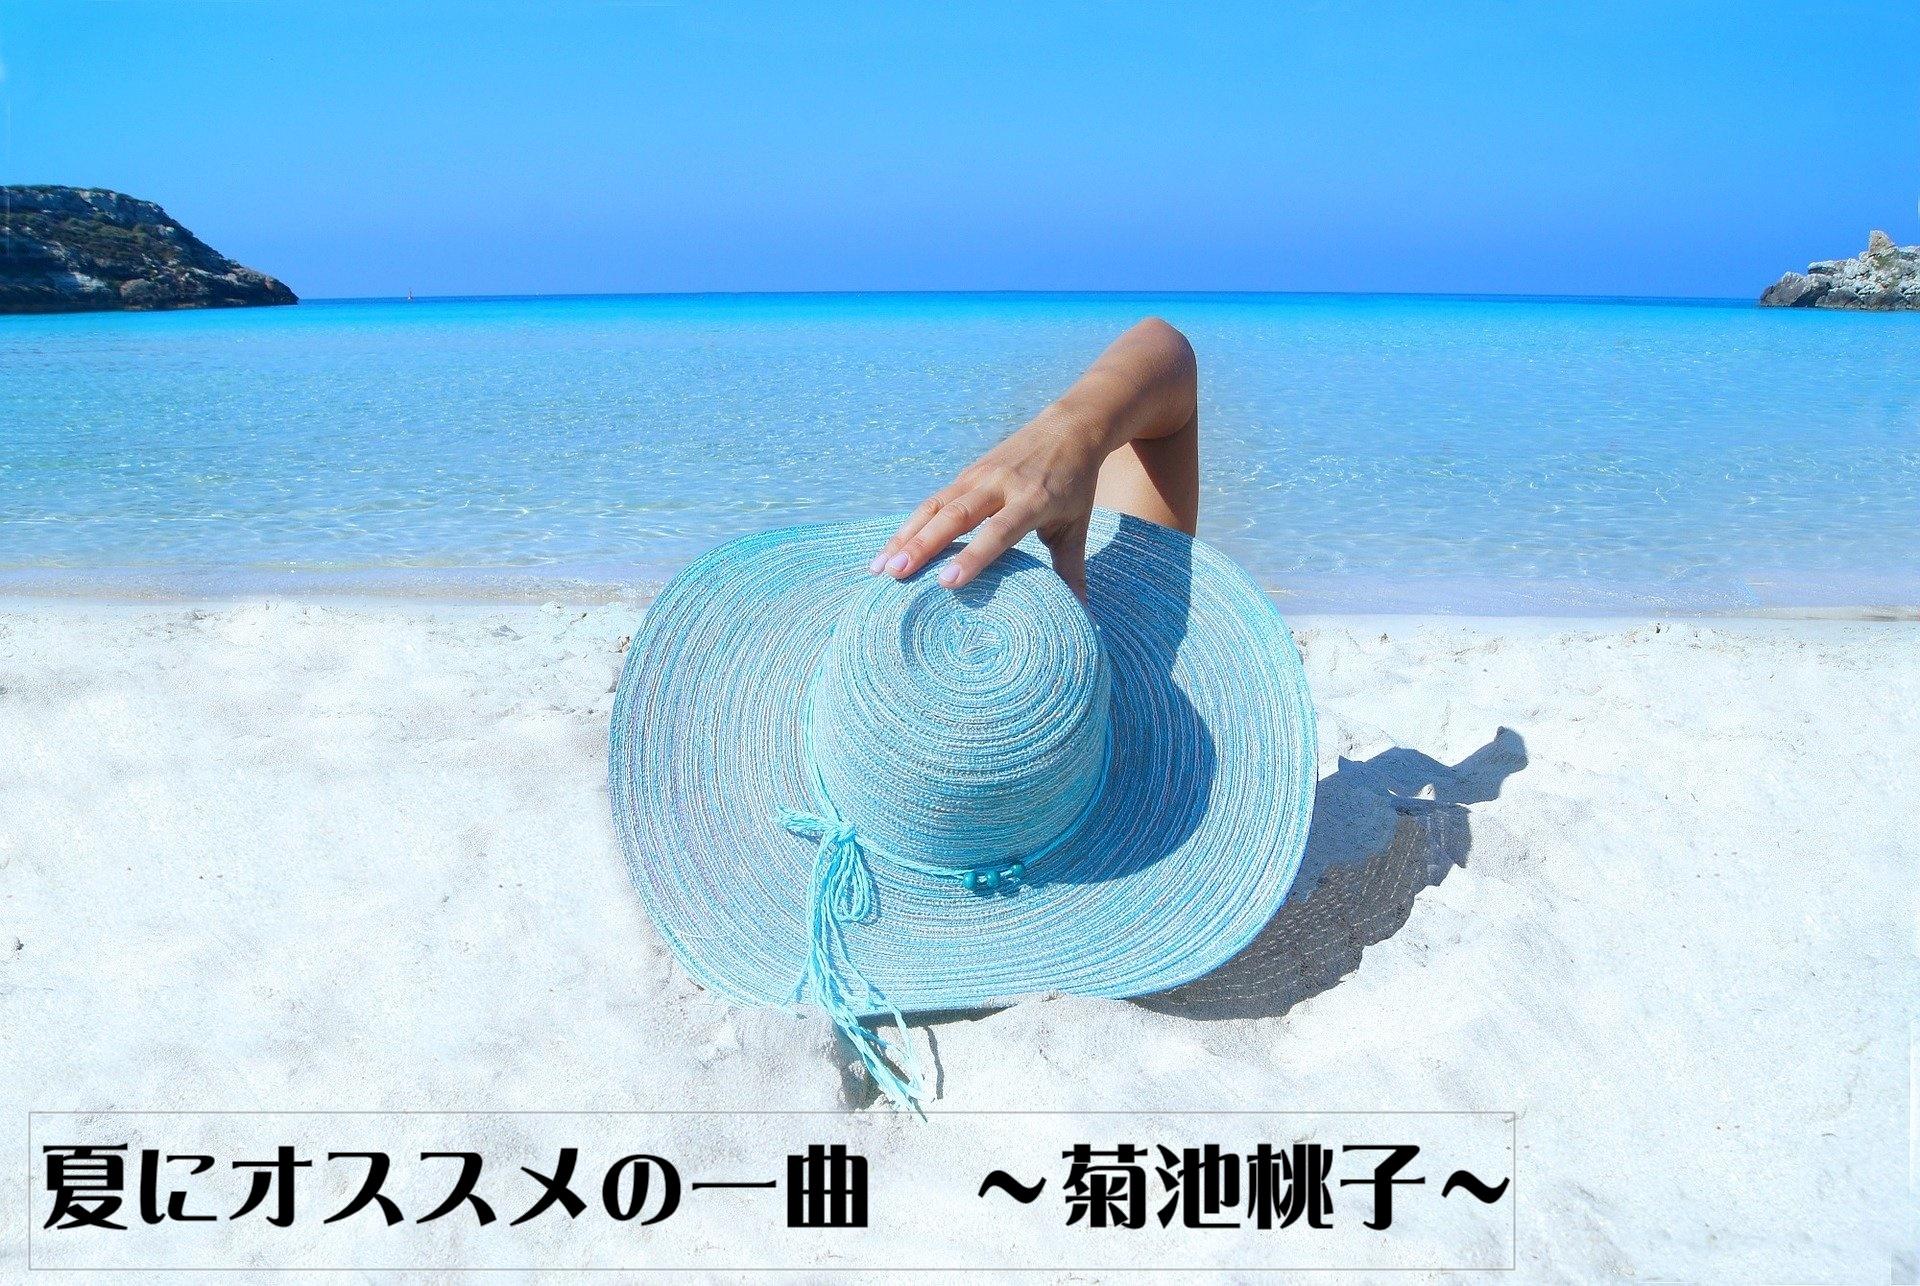 夏色片想い  ~夏に聞きたいオススメ菊池桃子の歌~